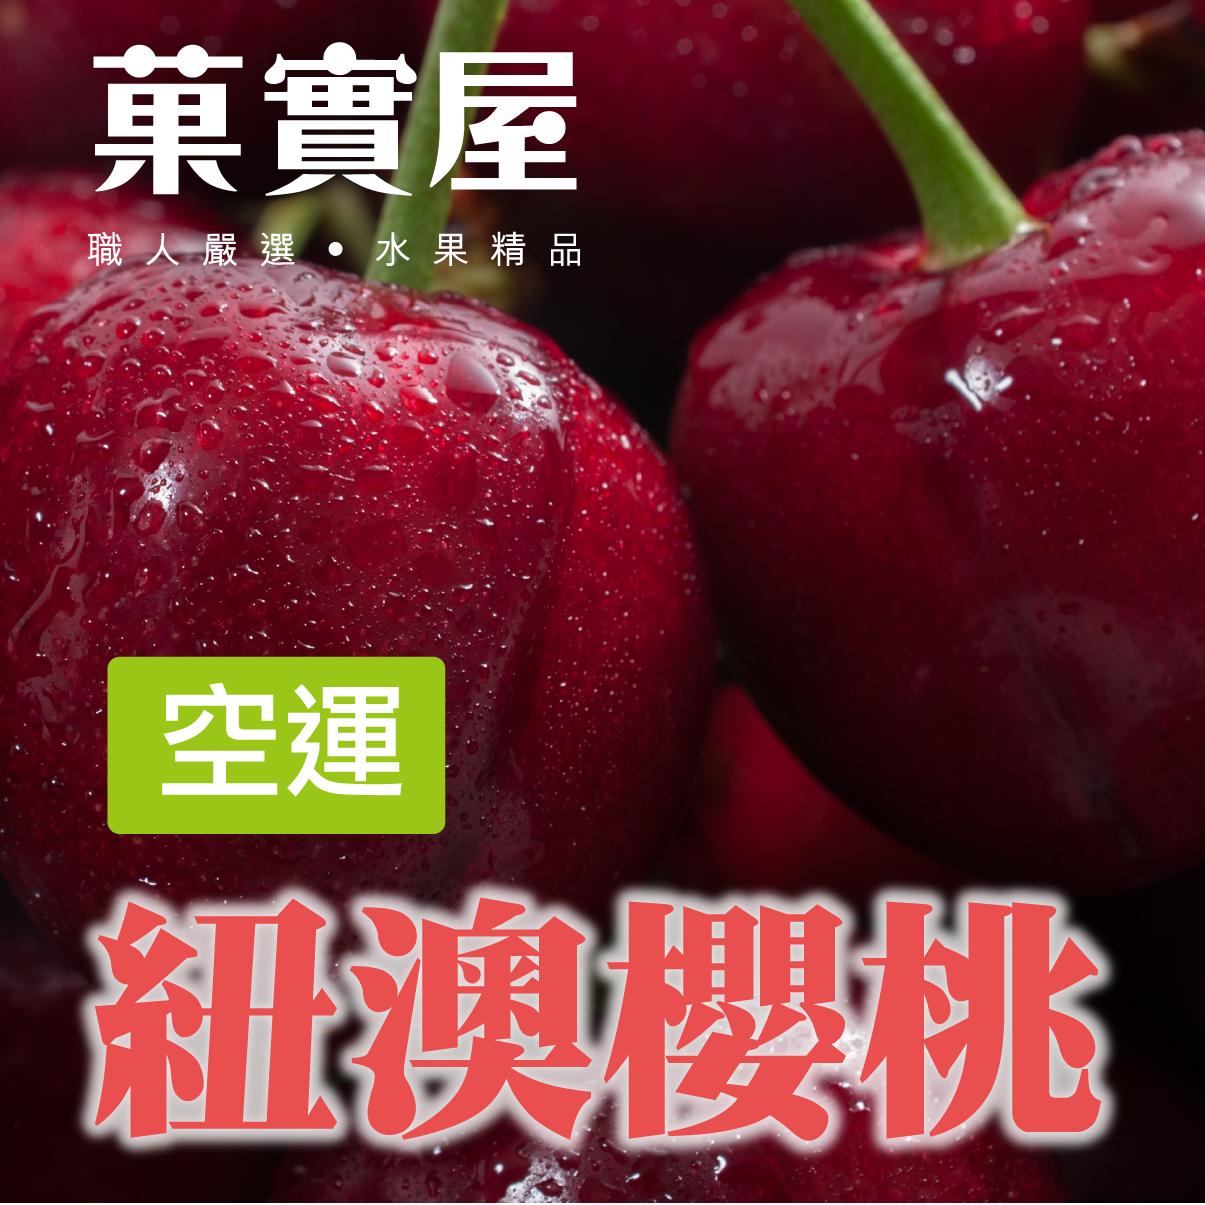 空運紐澳櫻桃30mm ◆1kg/2kg 裝 ◆南半球最美紅寶石 酸甜多汁,口感鮮脆【菓實屋】